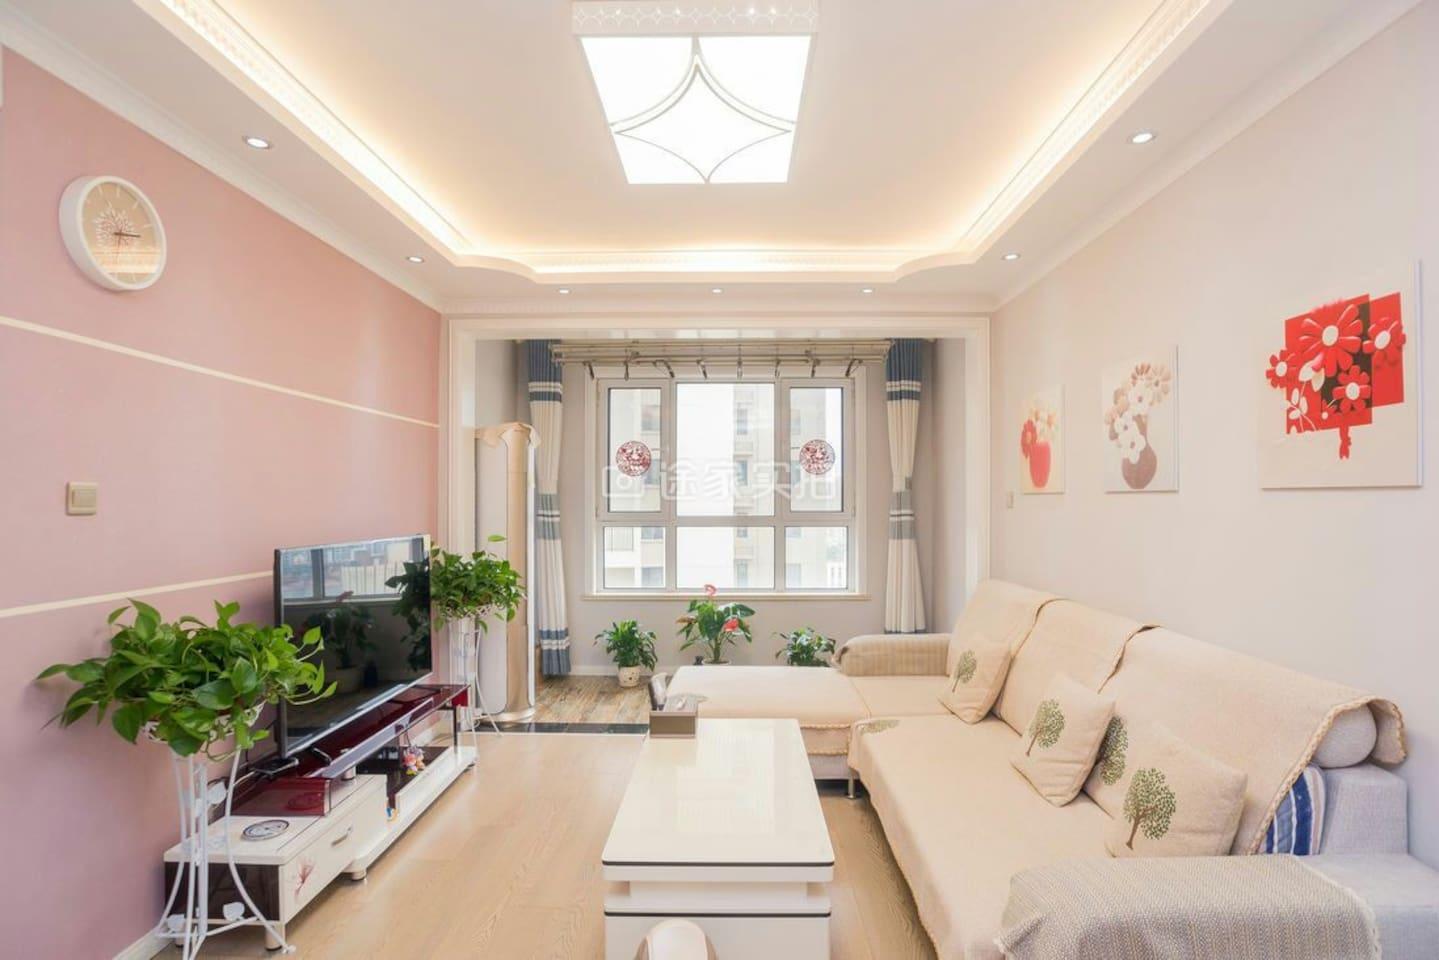 客厅里大沙发床很舒适,超大液晶电视,空调让生活更美好,还有餐厅,单独的吃饭享受